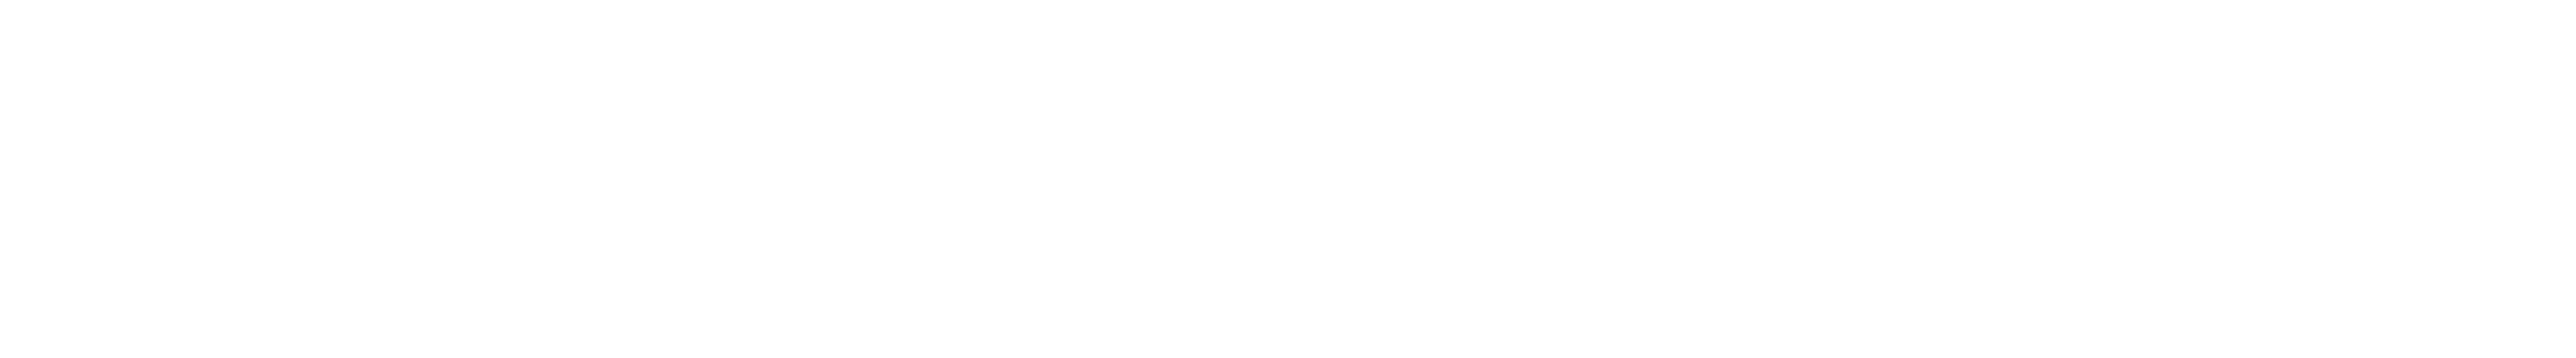 PROTRXion_Icons_V1